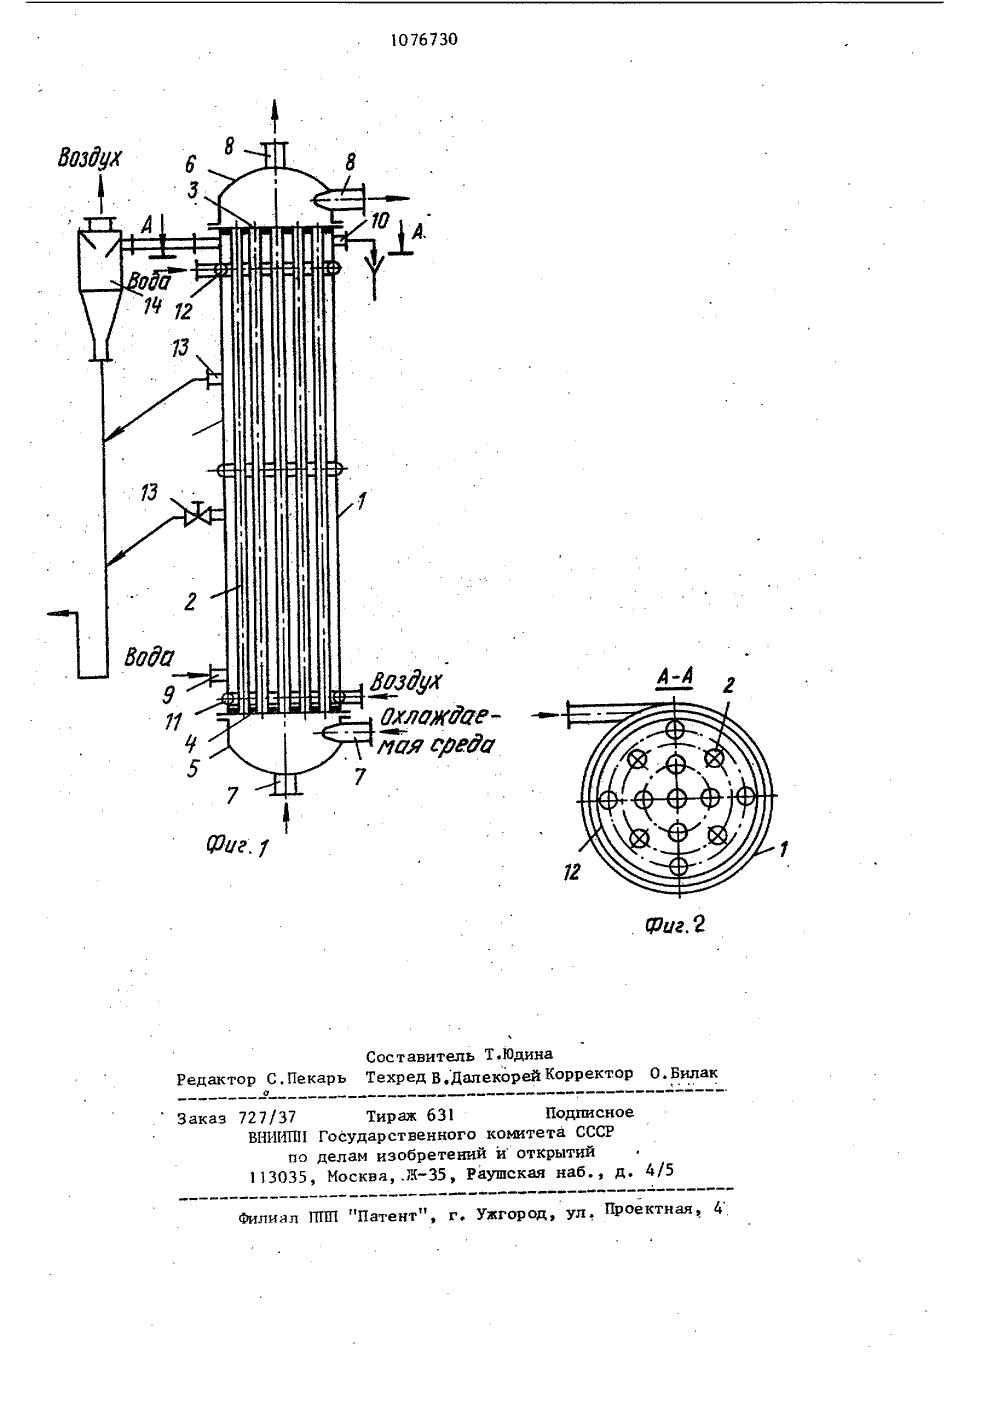 Кожухотрубный вертикальный теплообменник каталог чертеж и деталировка кожухотрубного горизонтального теплообменника